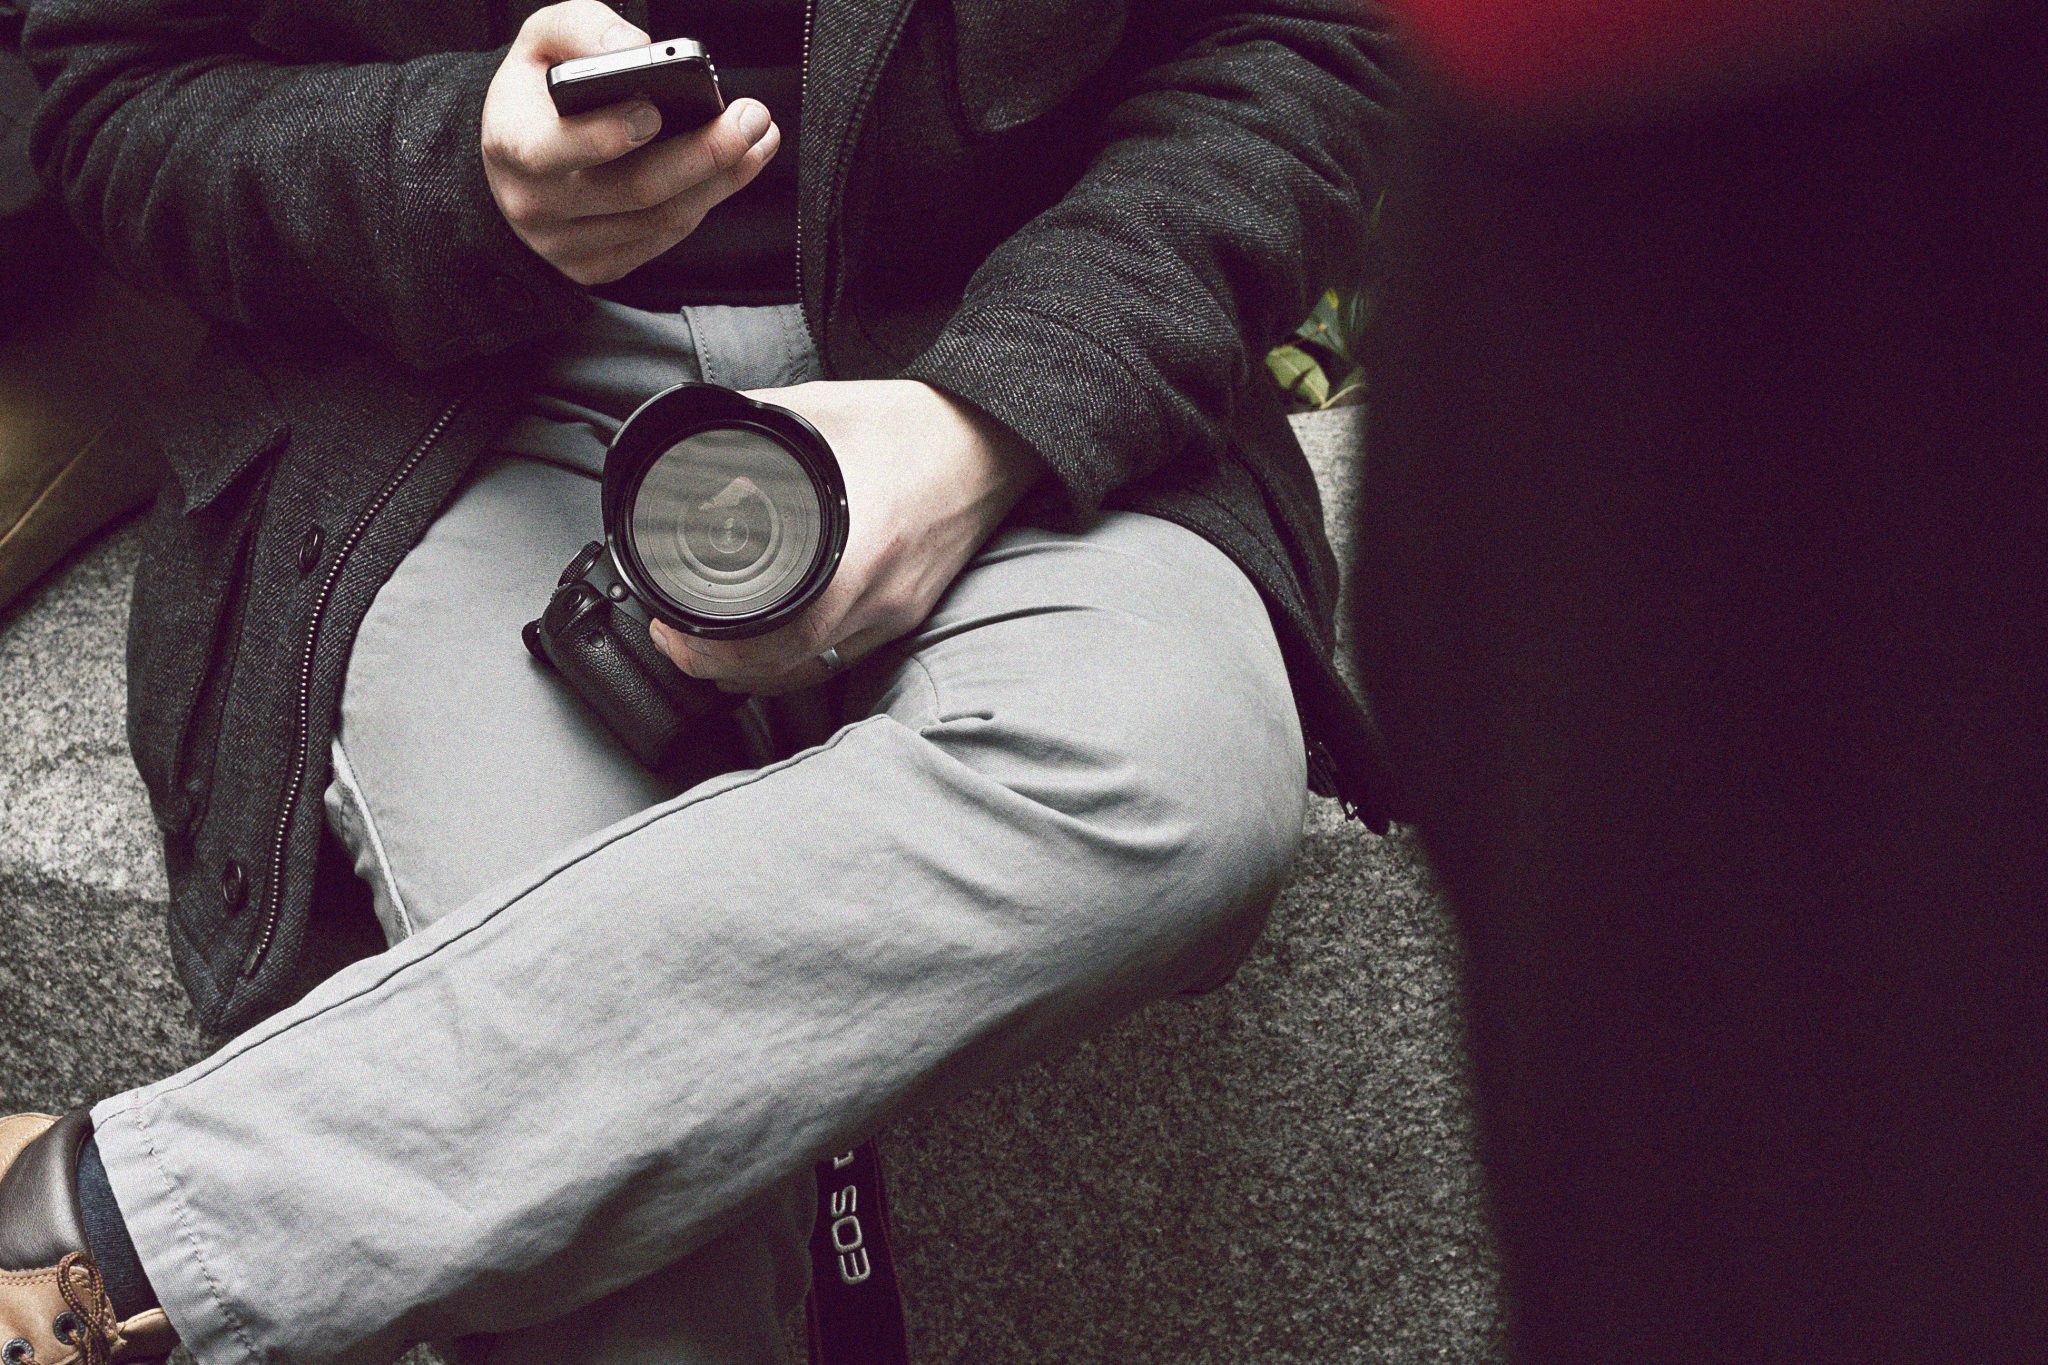 Man holding a camera, staring at his phone